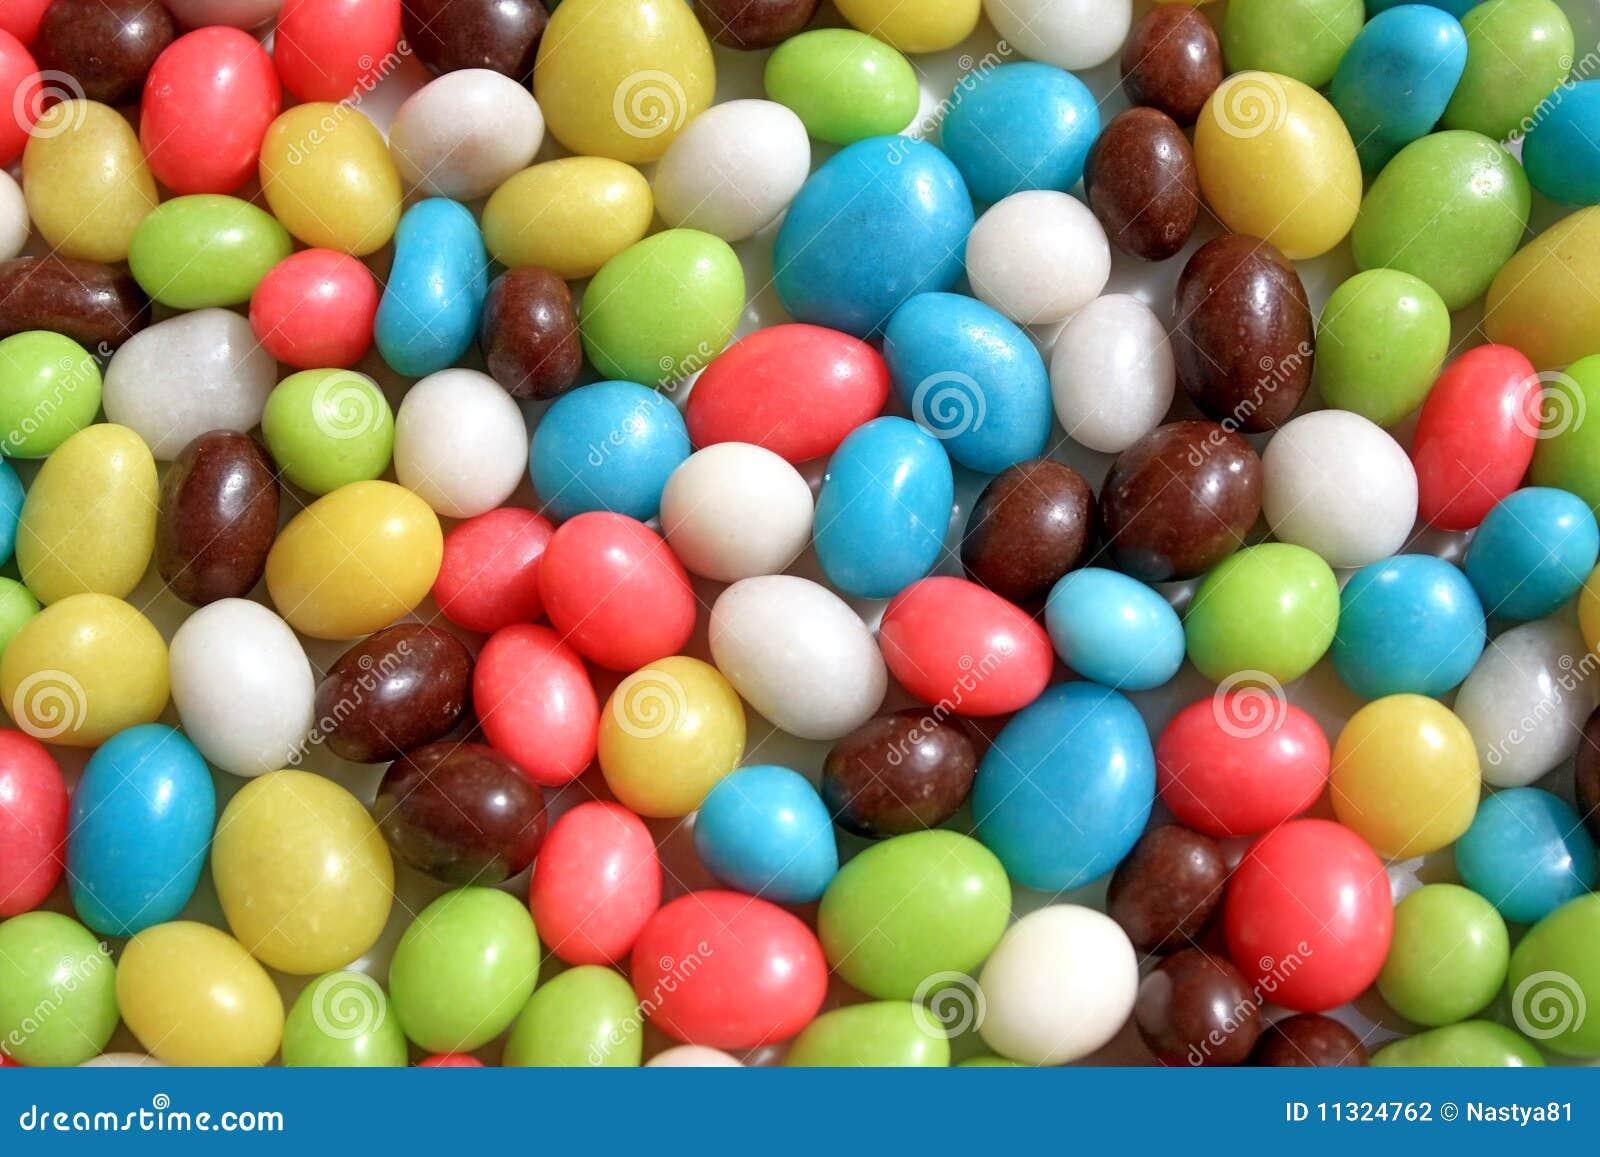 Hintergrund von den mehrfarbigen Bonbons